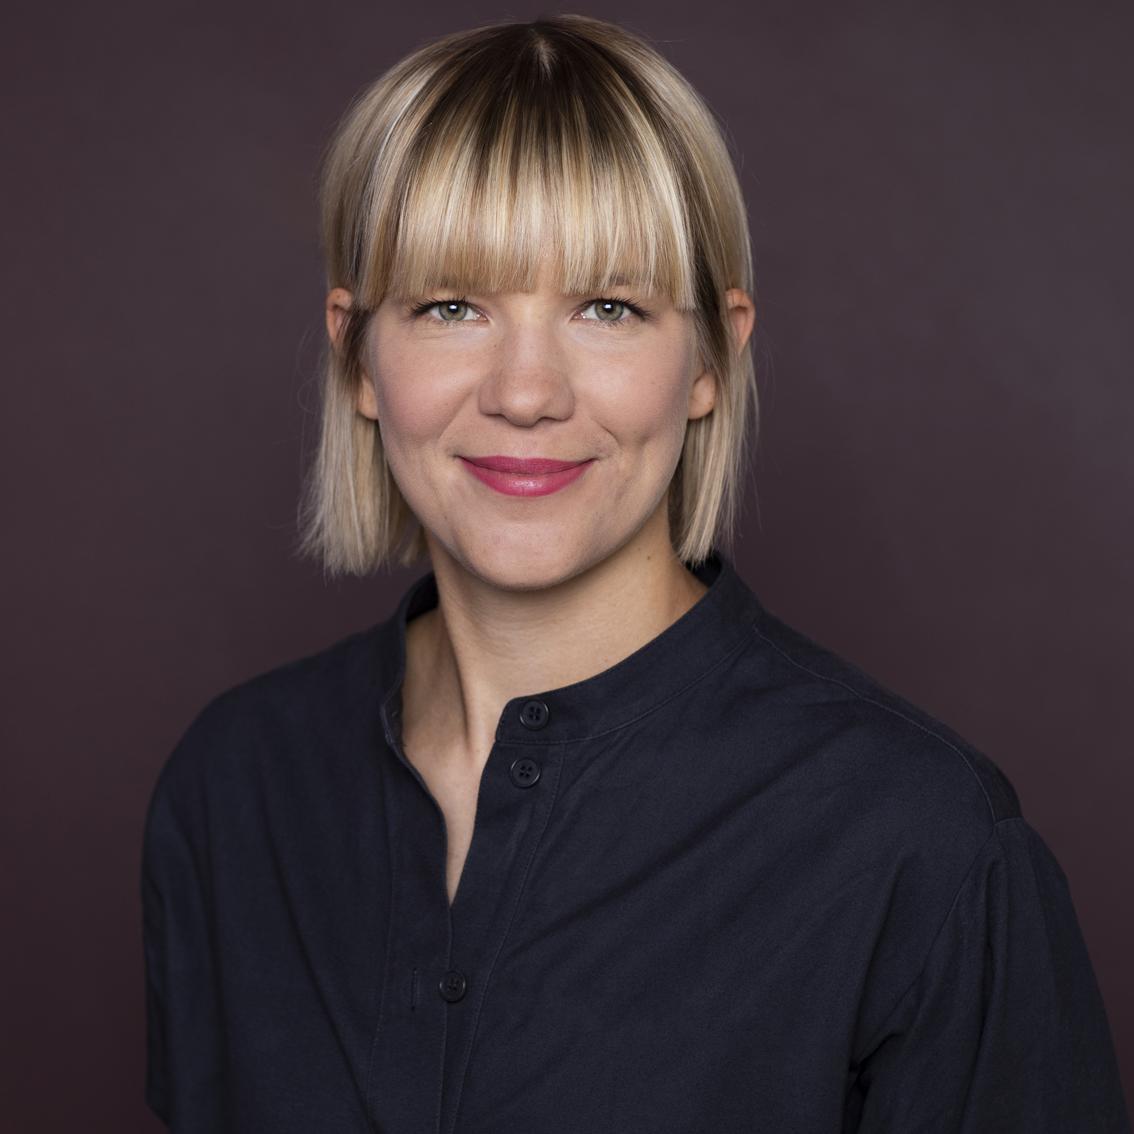 Xenia Madziarska